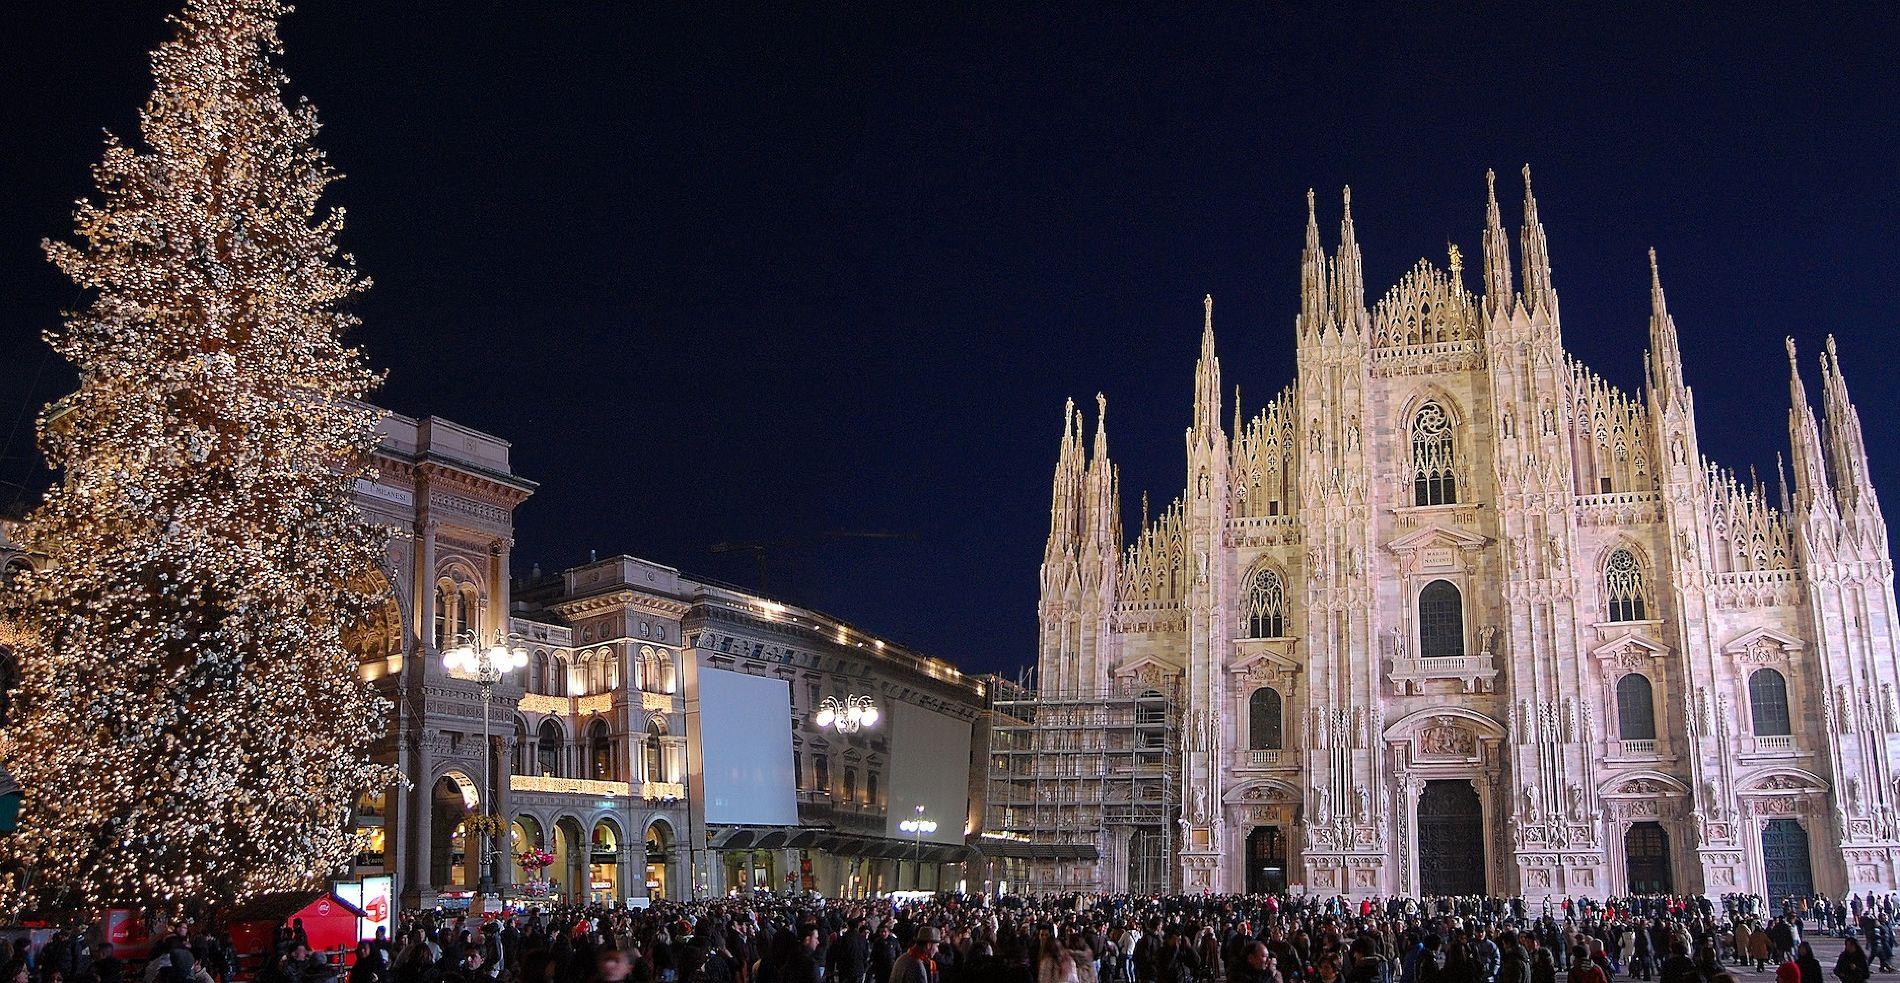 Рождественская ель перед Дуомо в Милане ©Фото с сайта commons.wikimedia.org